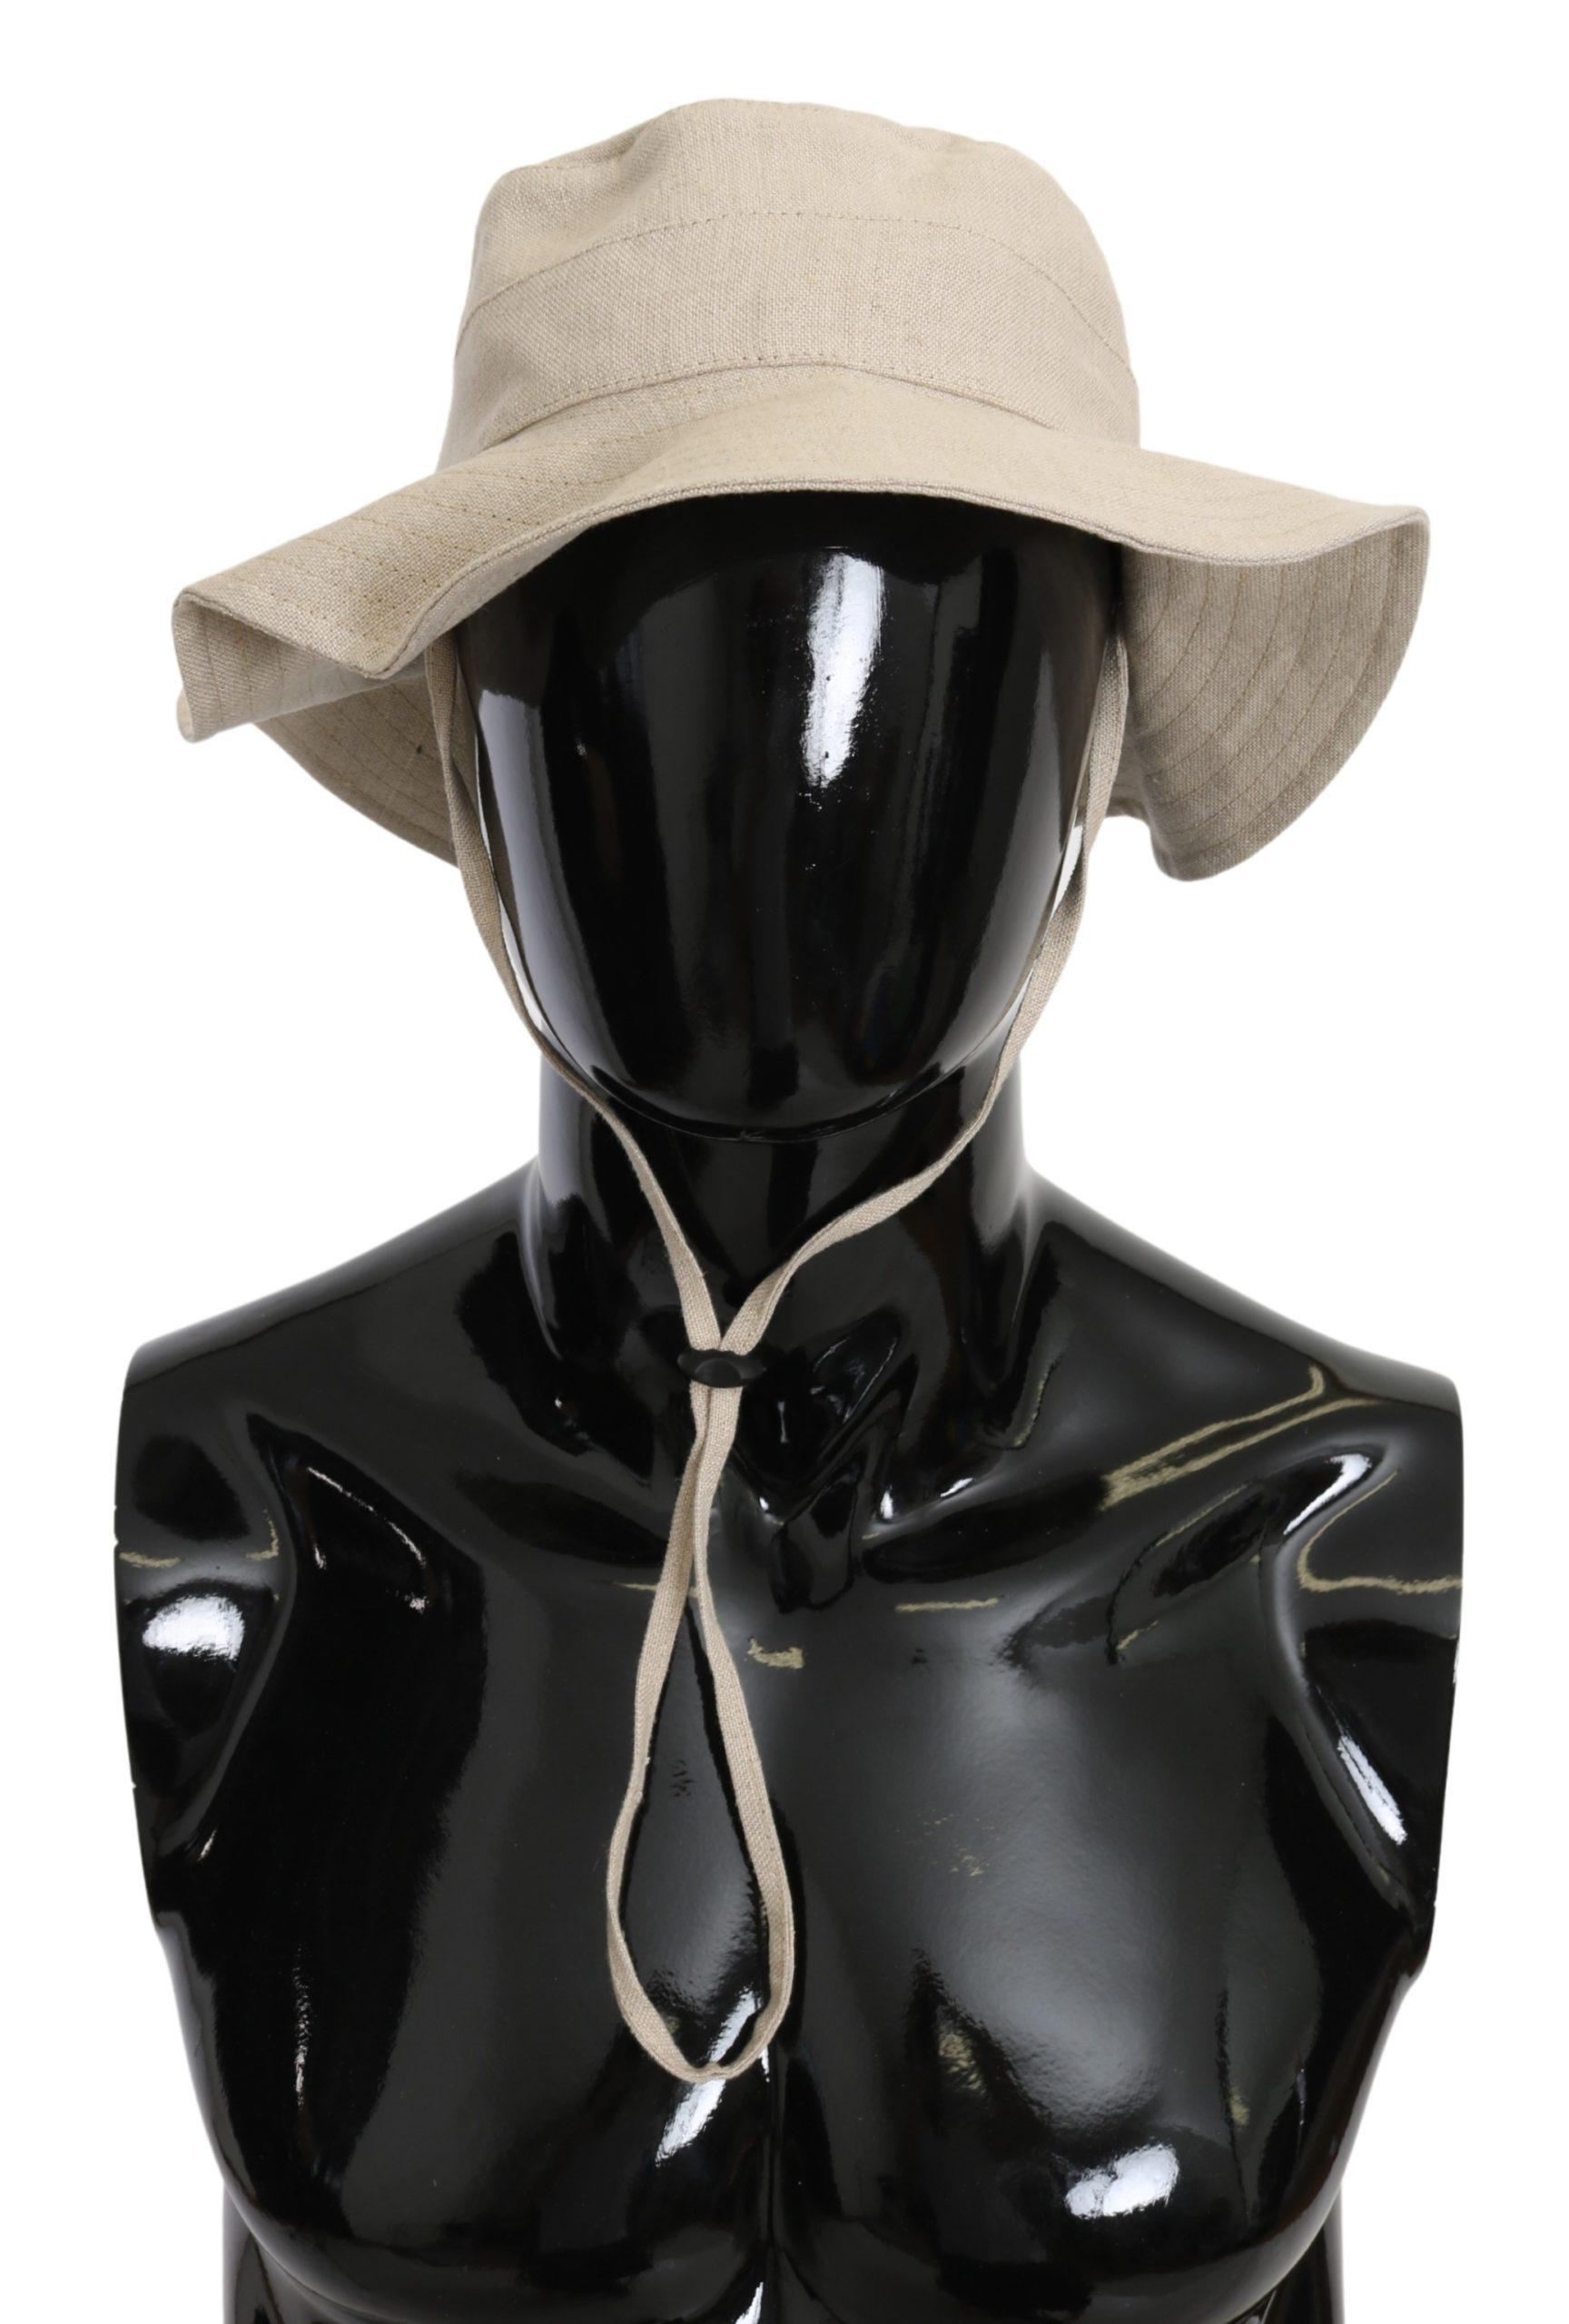 Dolce & Gabbana Men's Linen Solid Boonie Hat Beige HAT9097 - 58 cm|M